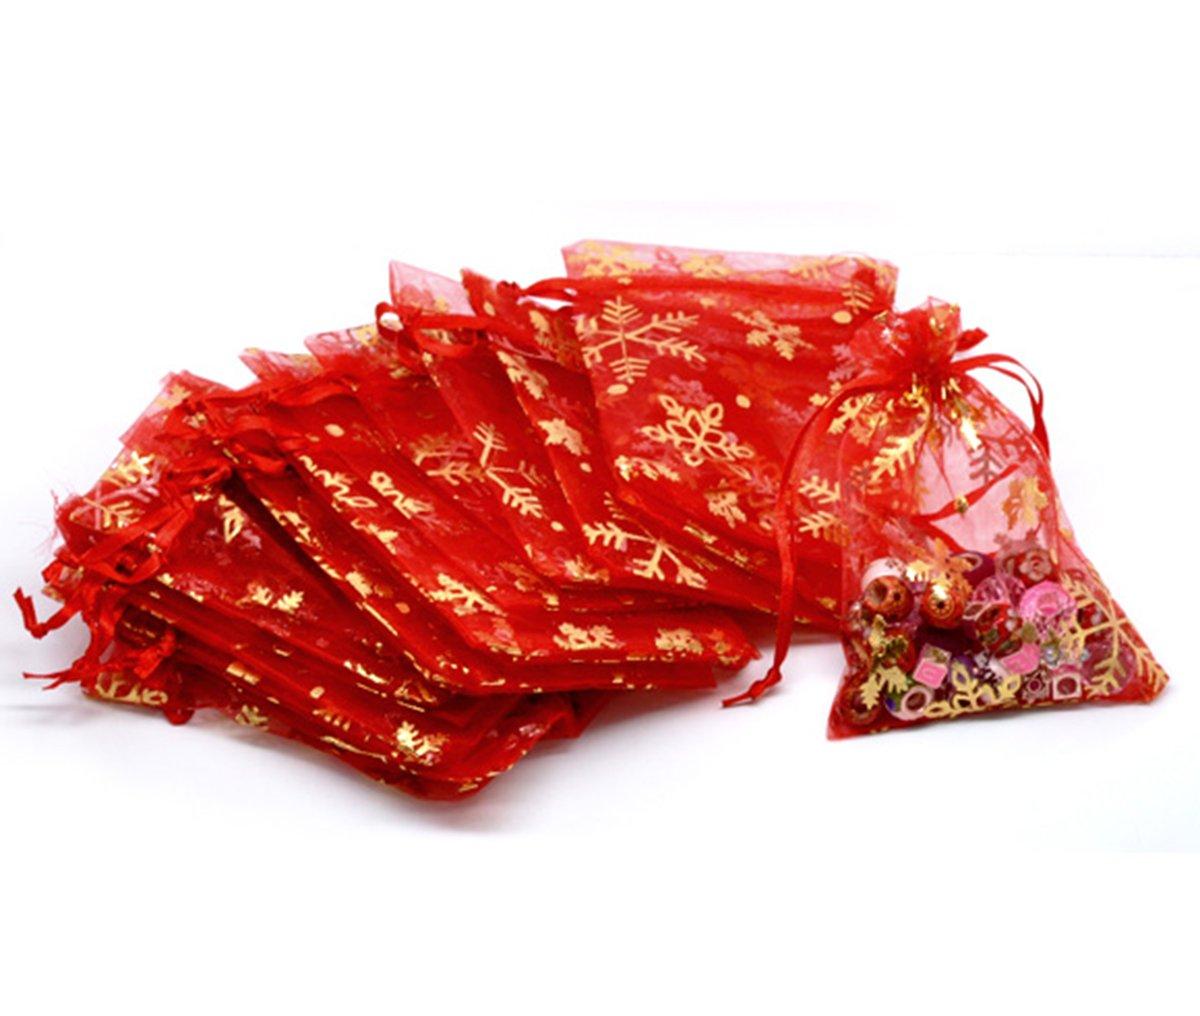 HooAMI 100Stk. 9cm x 12cm Rot Orange Organza Säckchen mit Gelb Schneeflocke Geschenkbeutel Beutel Weihnachten Säckli BETY19609